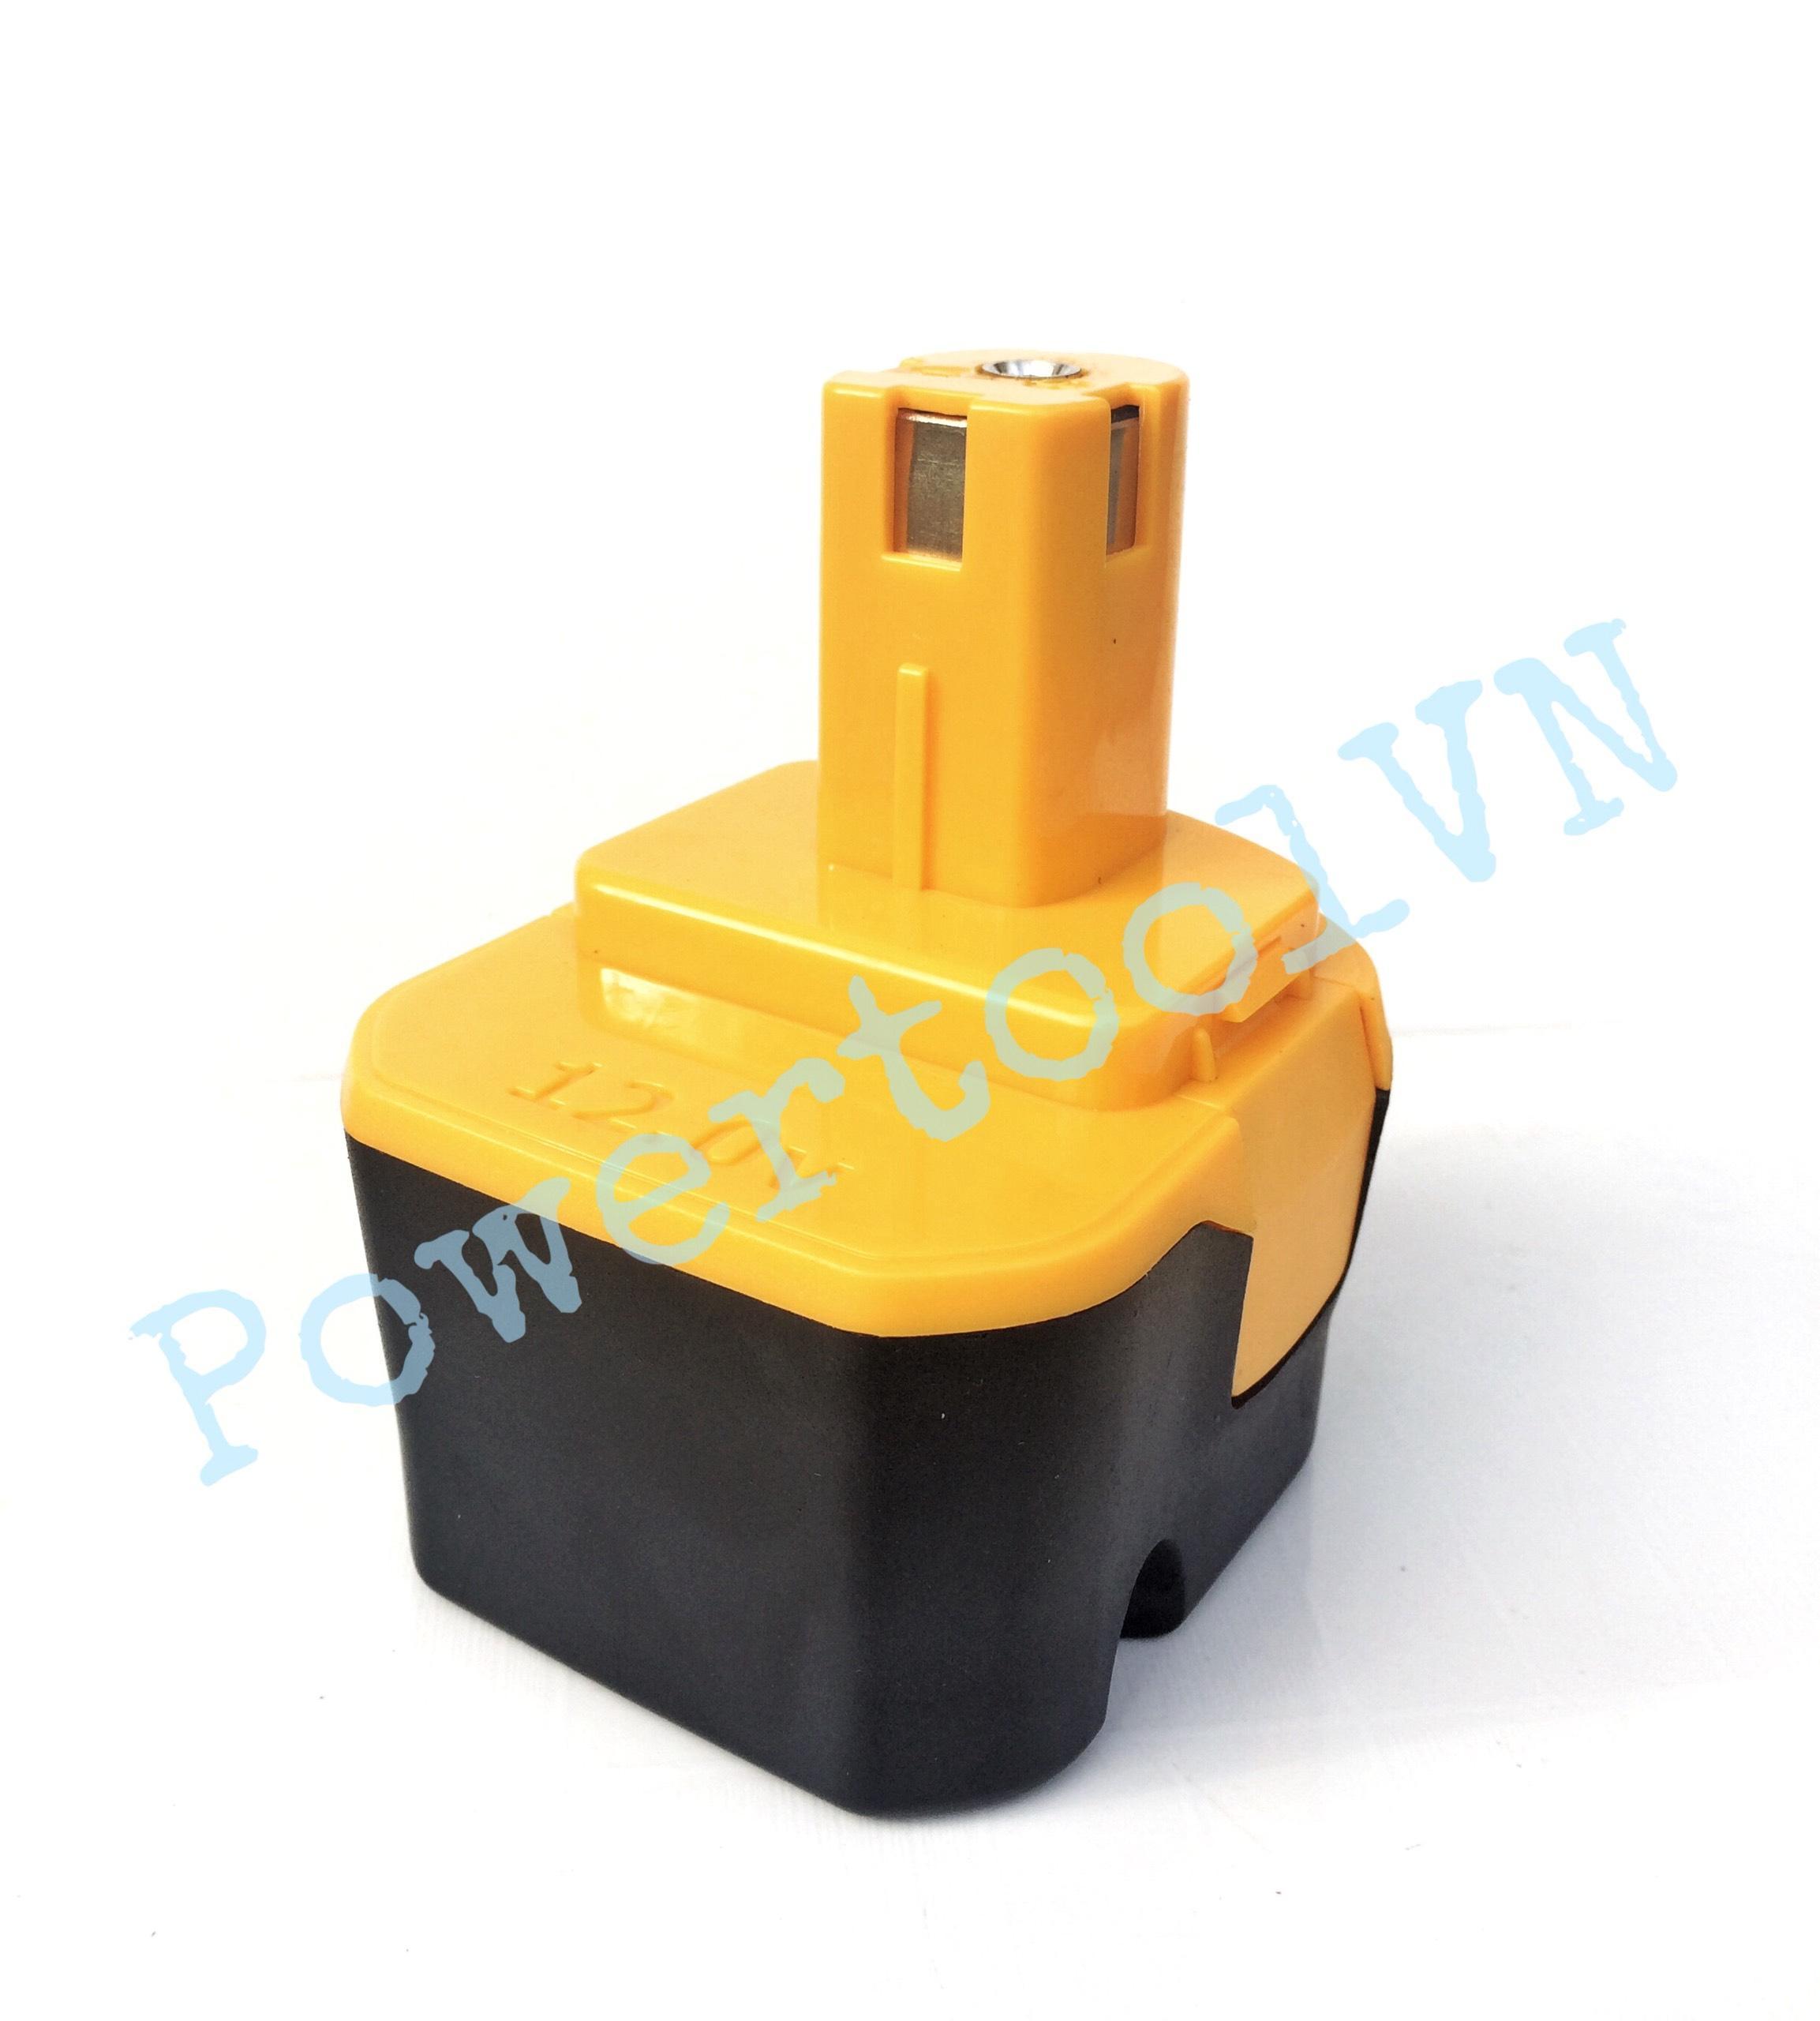 Pin máy khoan12V, Dùng cho máy khoan, máy bắt vít Ryobi 12v, 3S2P, dung lượng 4000Mah, dòng xả 40A kèm mạch bảo vệ sạc xả, pin đóng mới 100% bảo hành 3 tháng